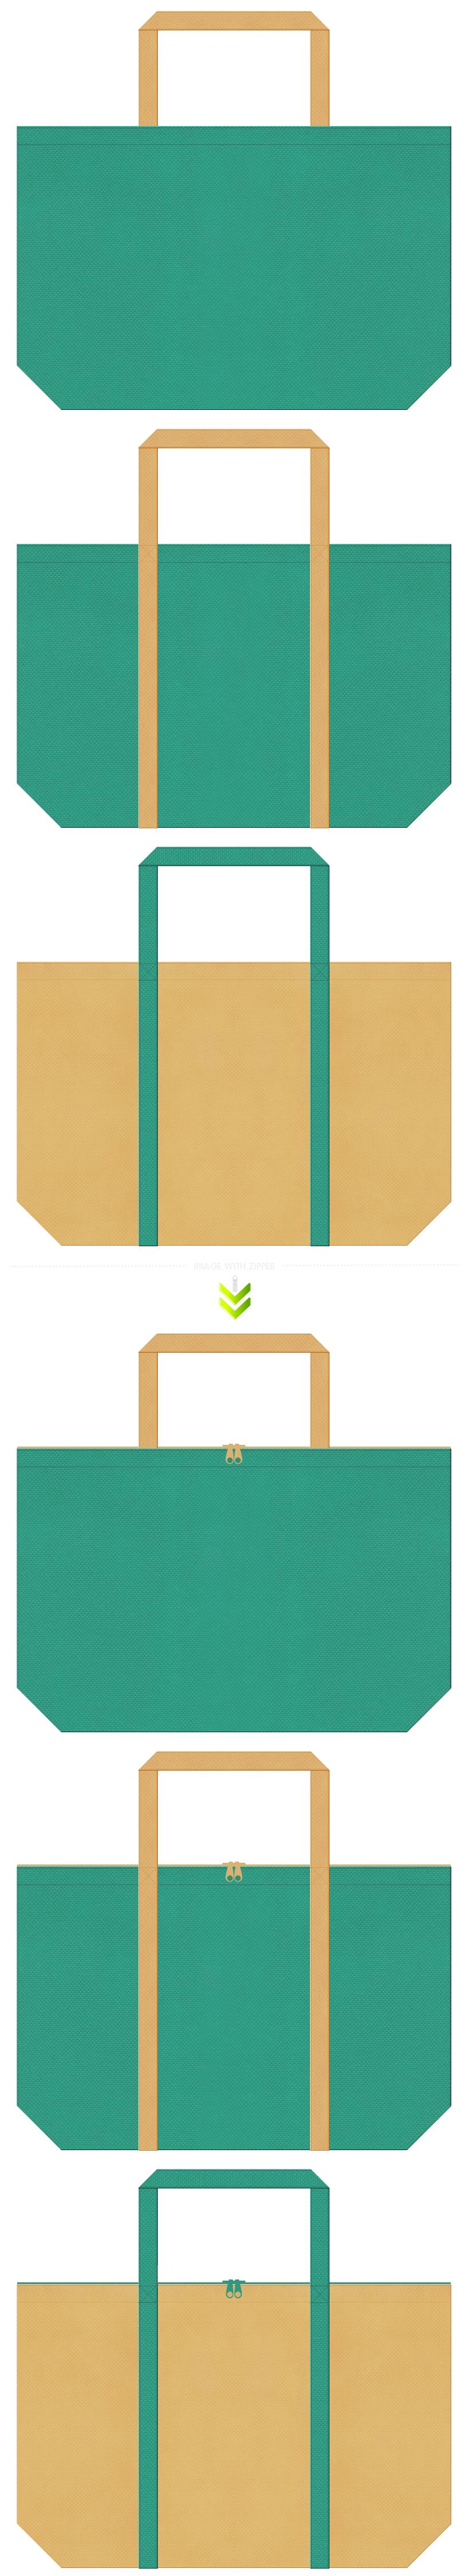 青緑色と薄黄土色の不織布エコバッグデザイン。